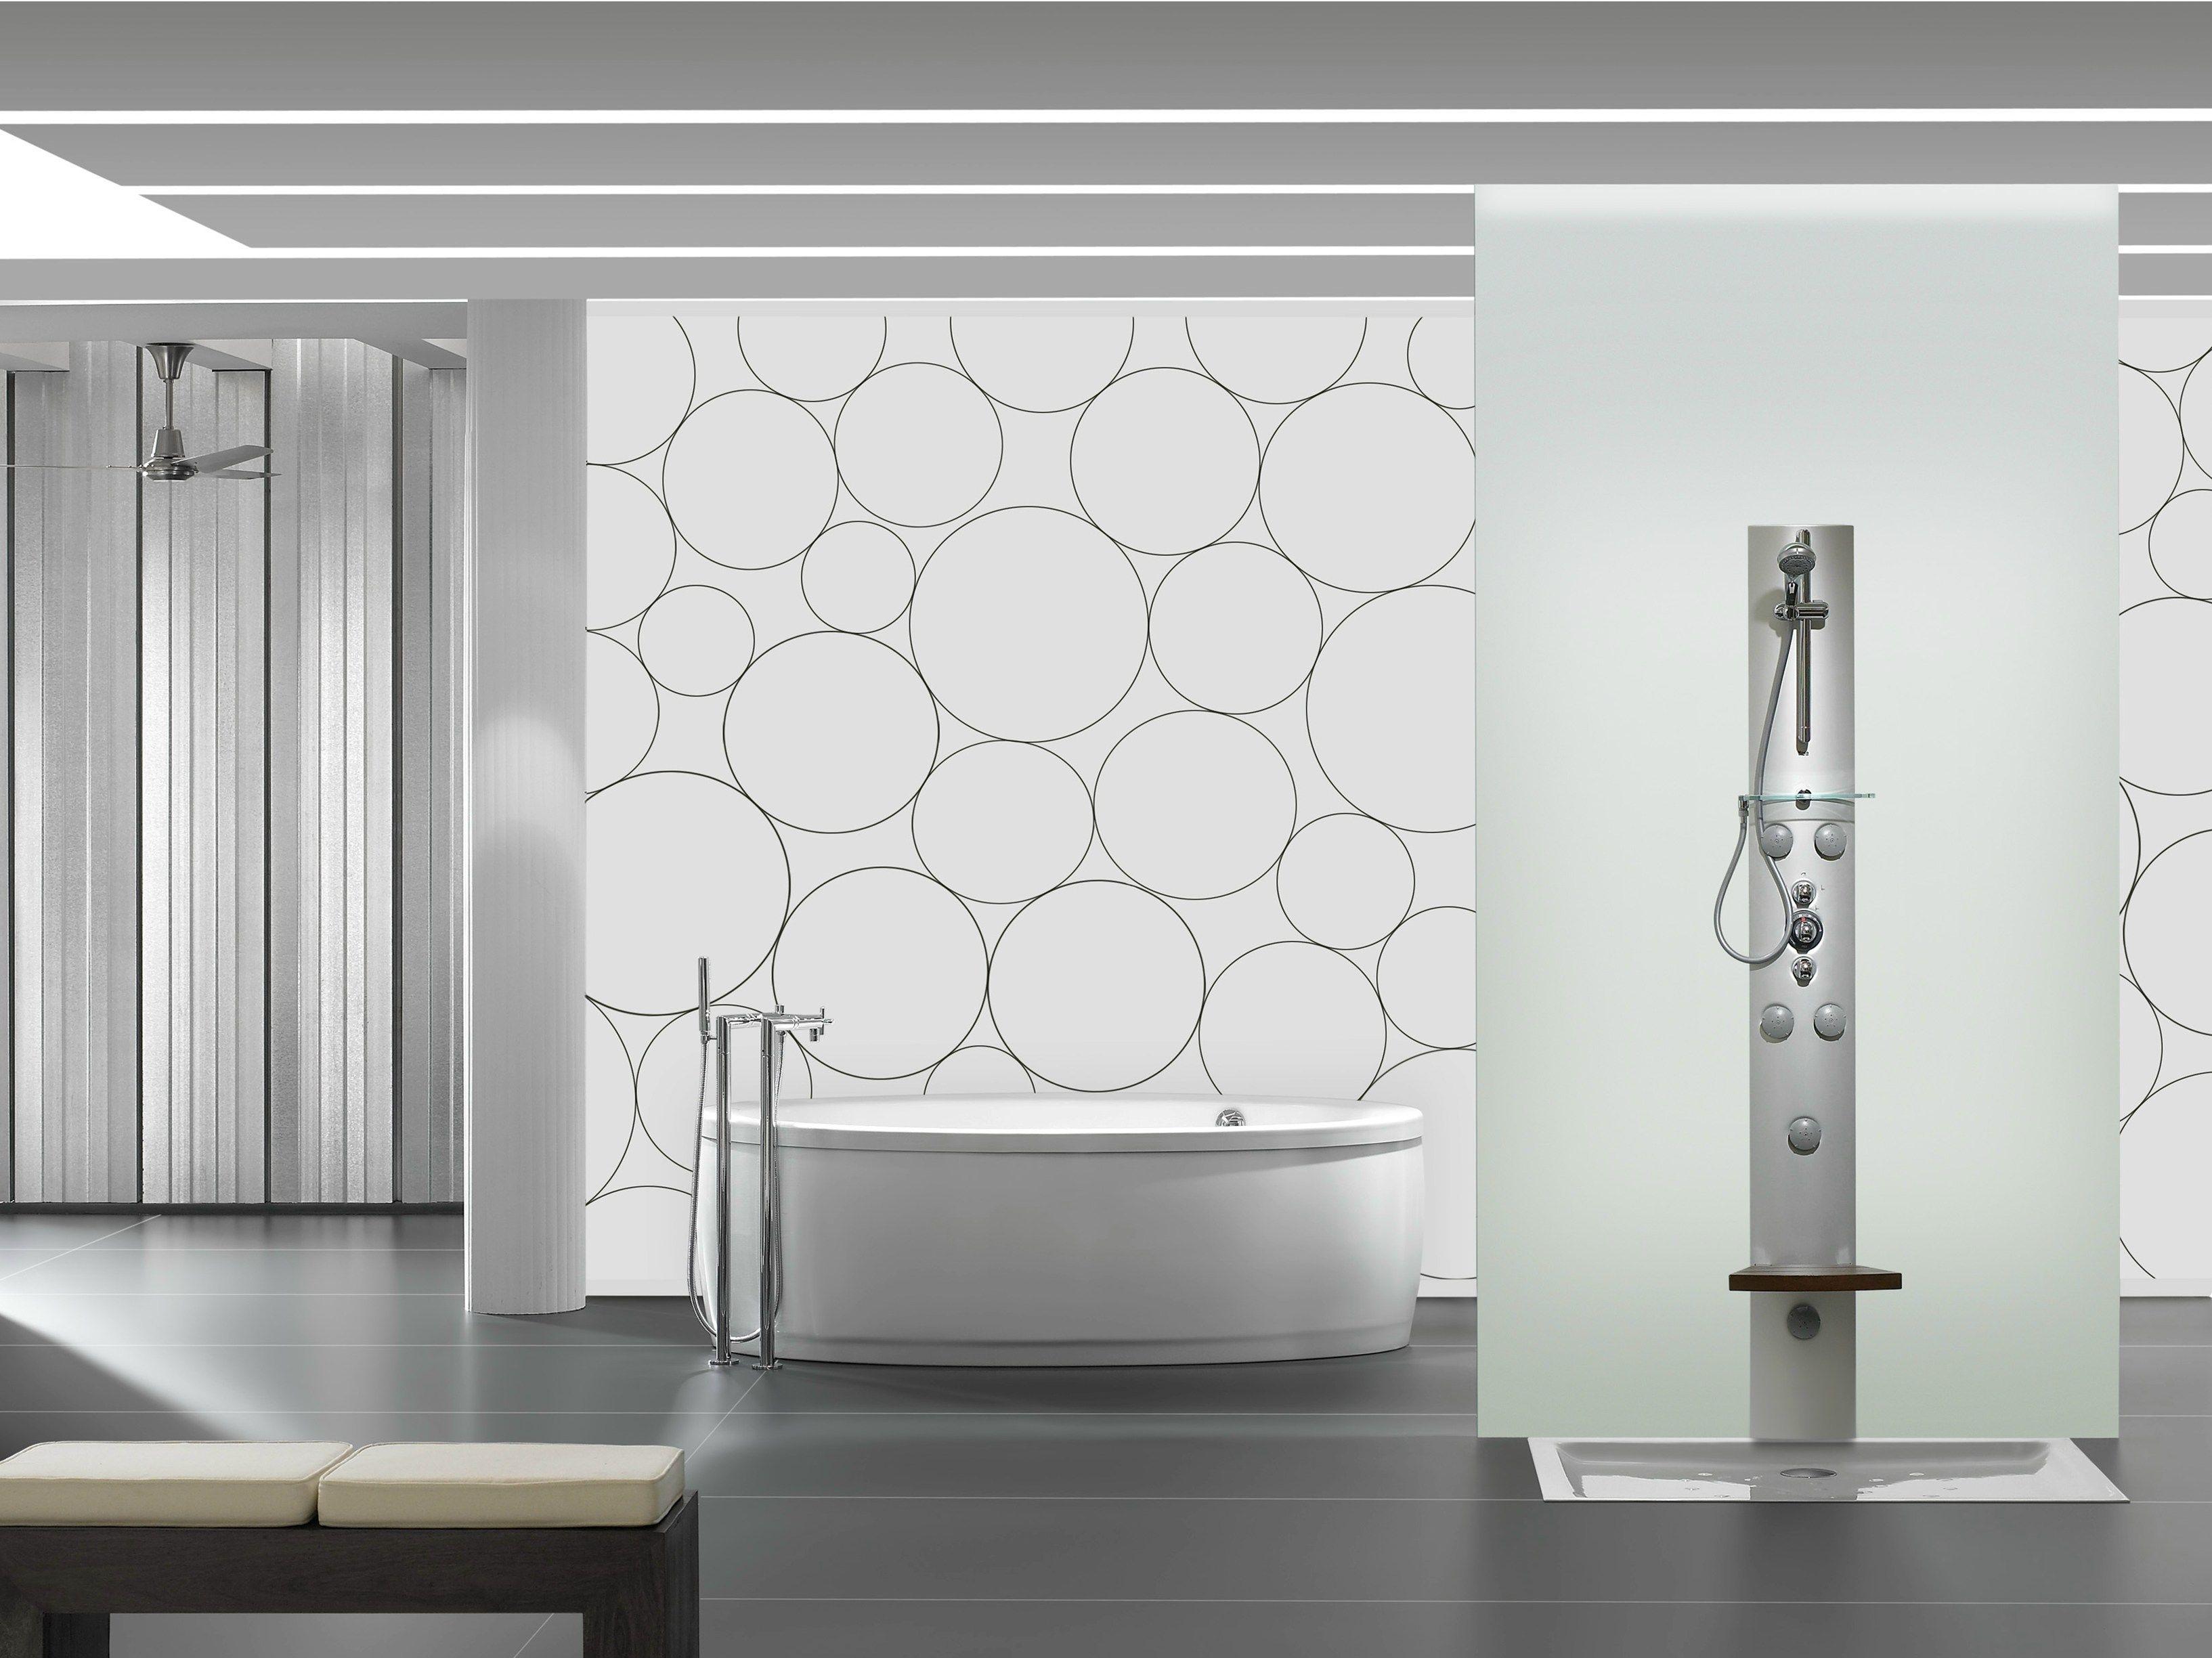 Vasca da bagno centro stanza ovale GEORGIA by ROCA SANITARIO